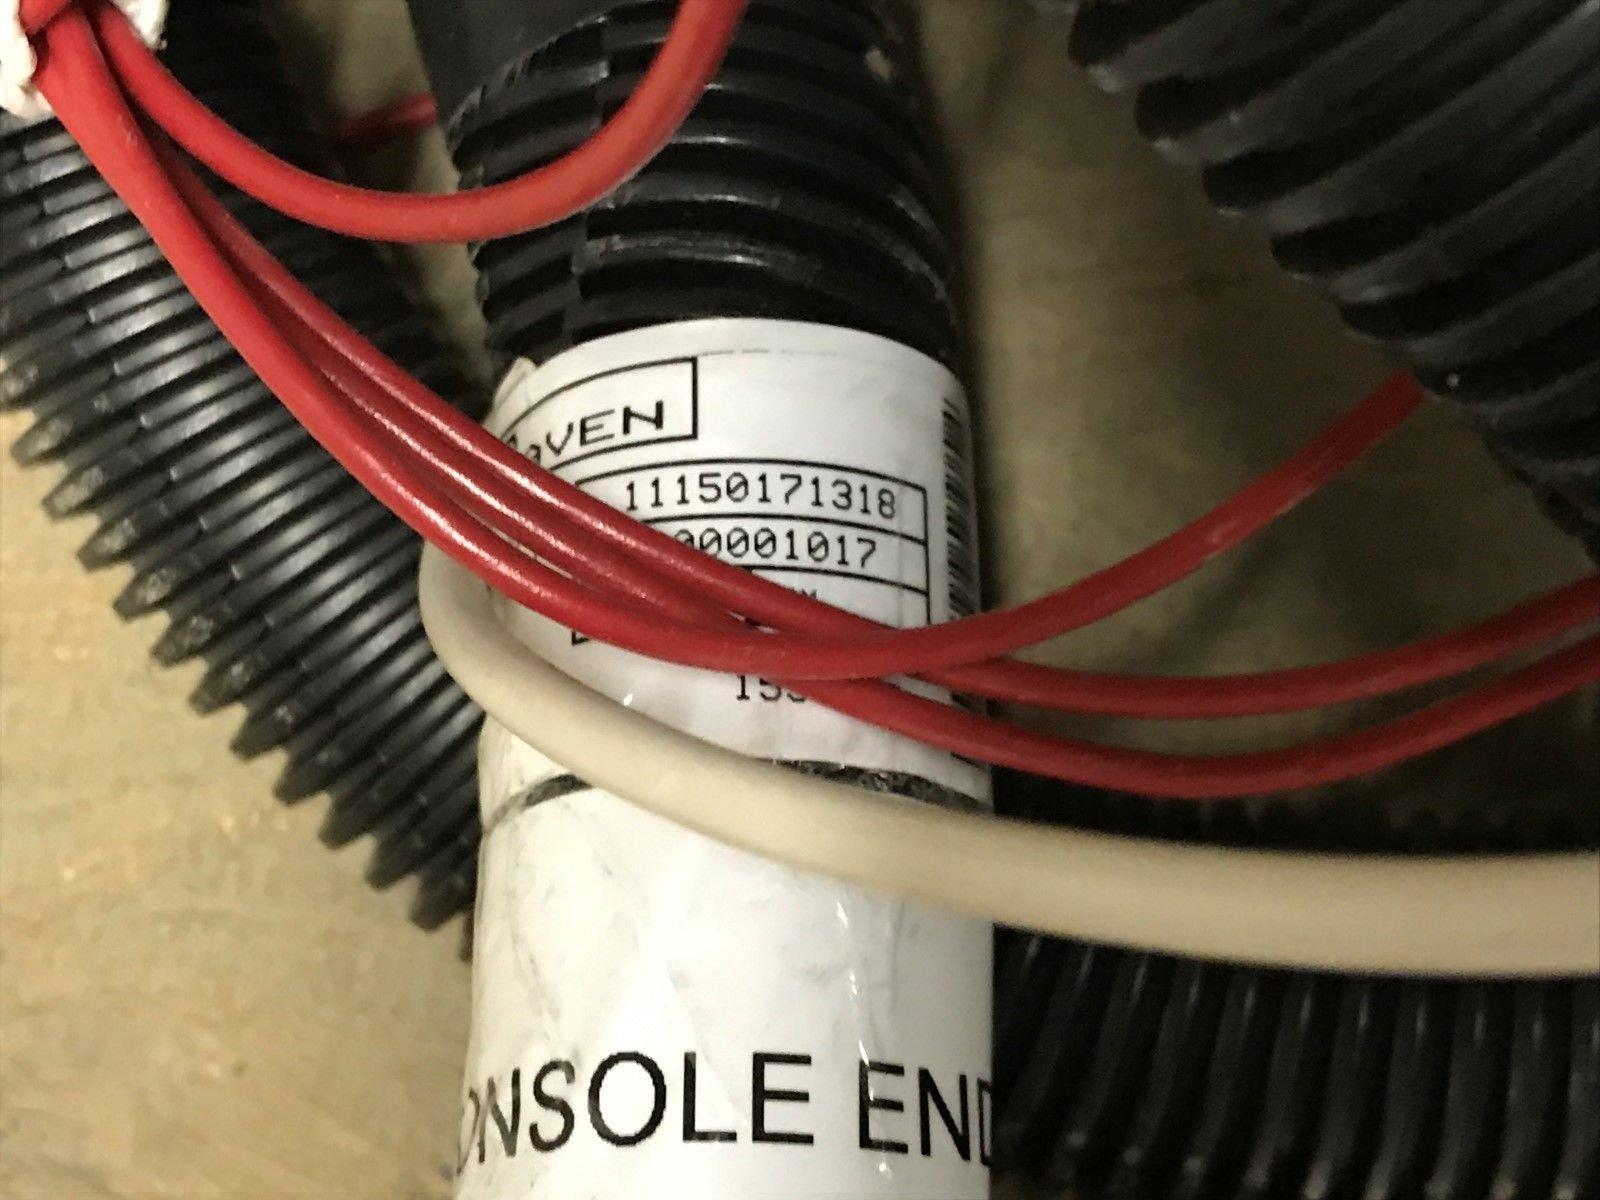 Raven, 115-0171-318, Cable, Console, SCS 4600, 15'